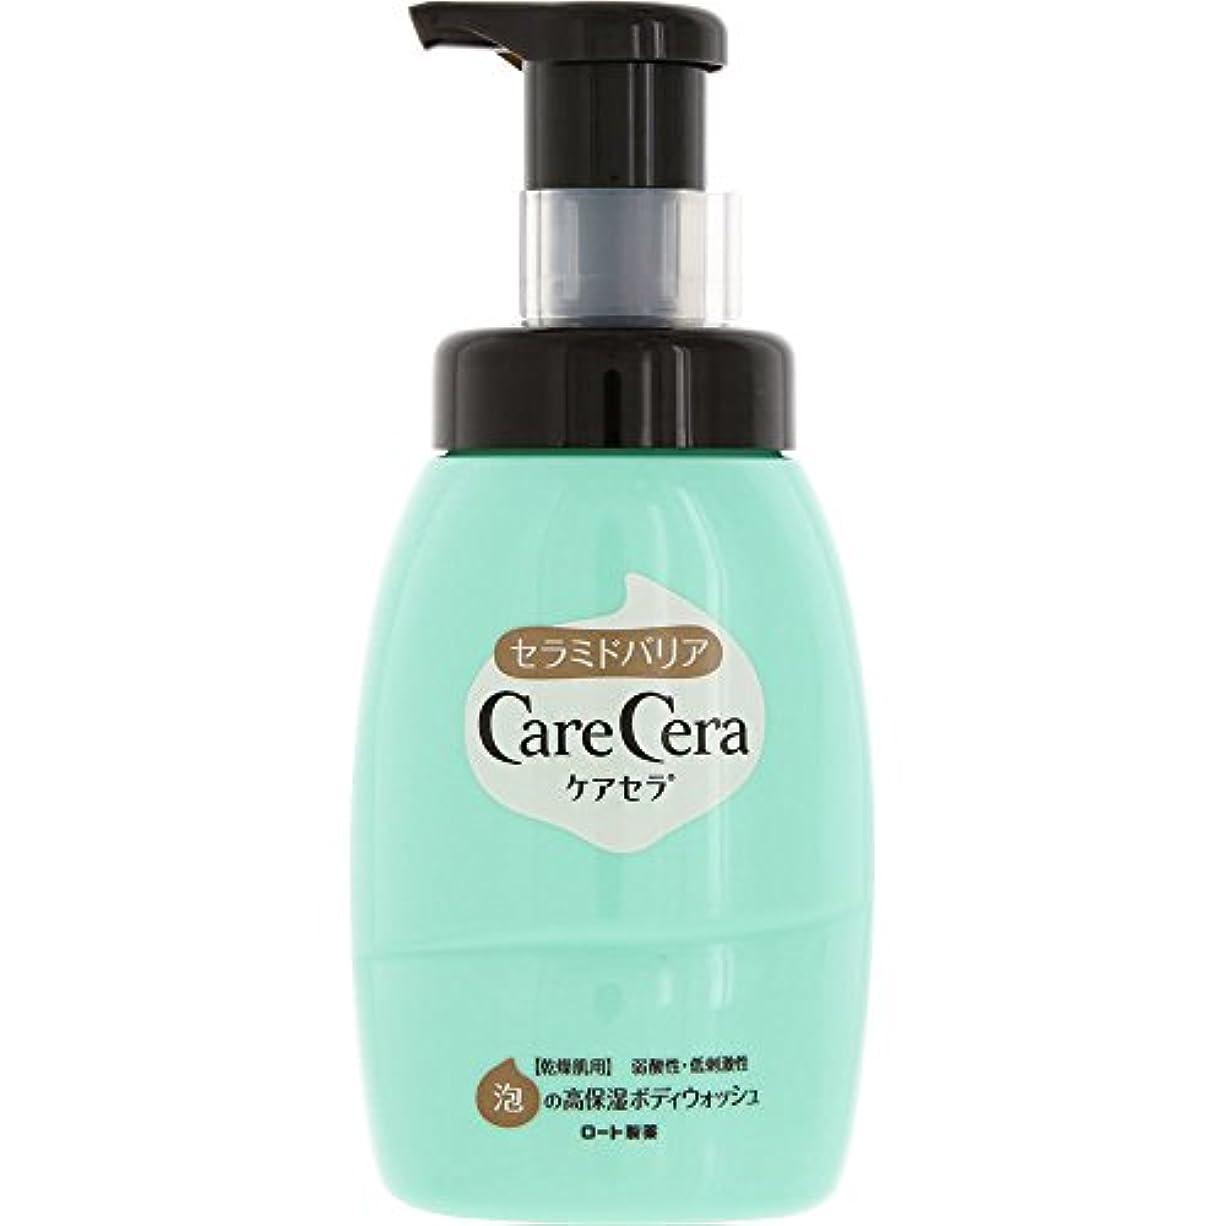 レイアウト左奇跡的なケアセラ(CareCera) ロート製薬 ケアセラ  天然型セラミド7種配合 セラミド濃度10倍泡の高保湿 全身ボディウォッシュ ピュアフローラルの香り お試し企画品 300mL